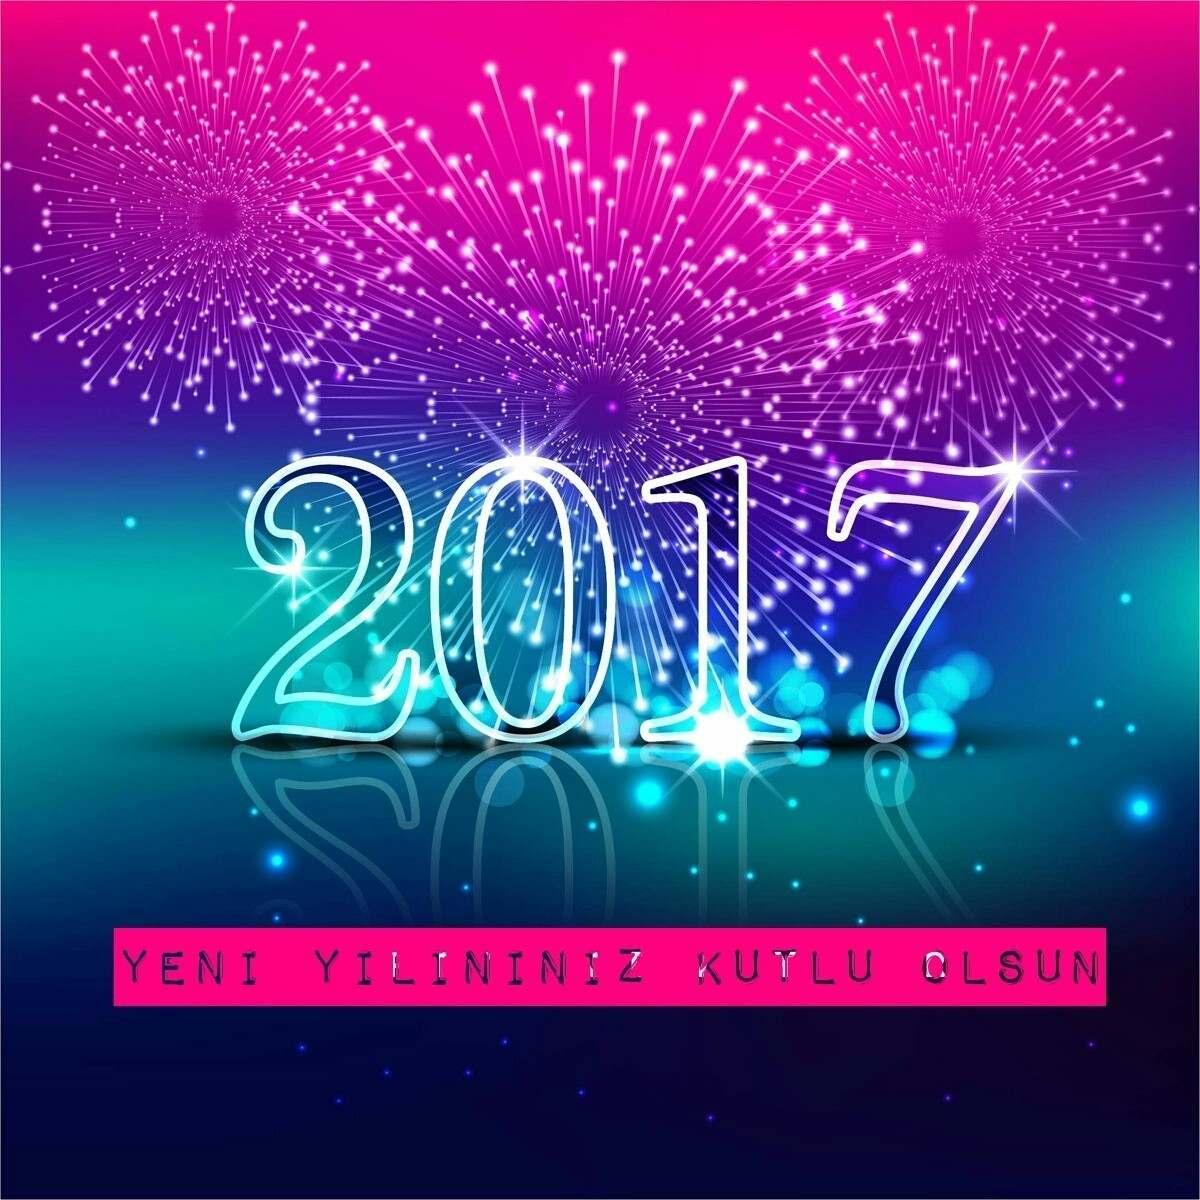 2017 Yeni Yıl Resimleri (HD)